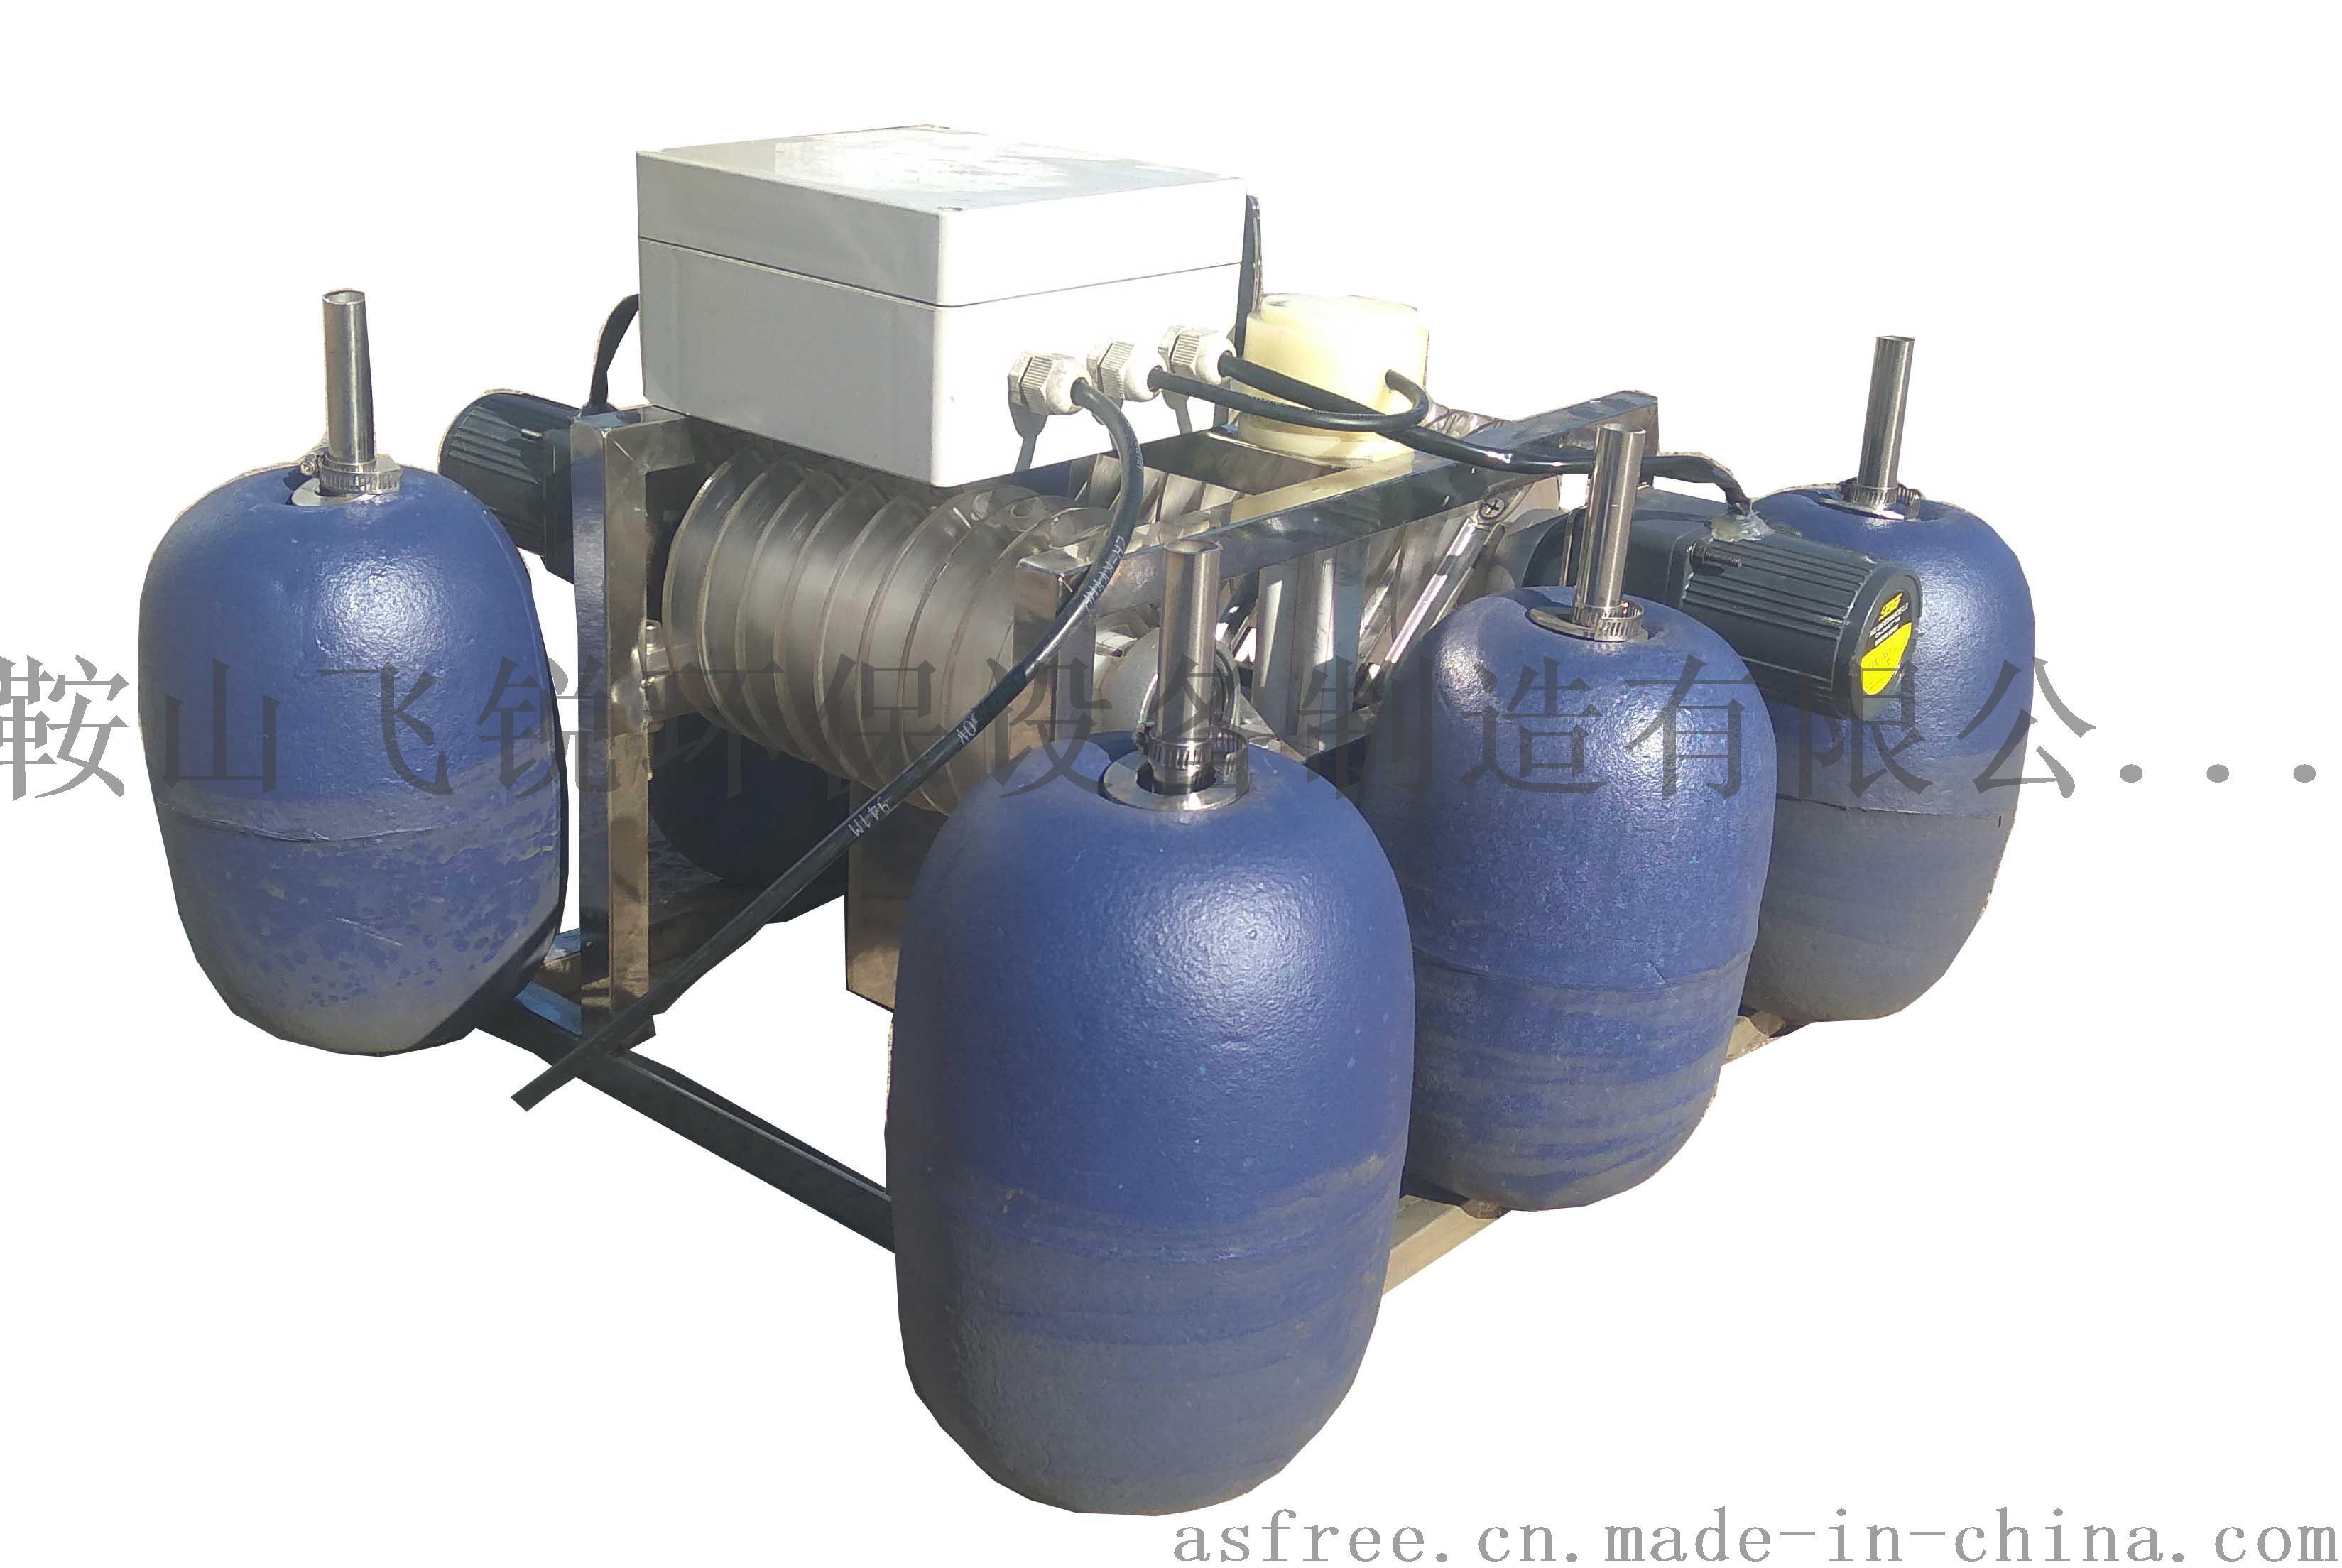 转盘收油器--样机1.jpg